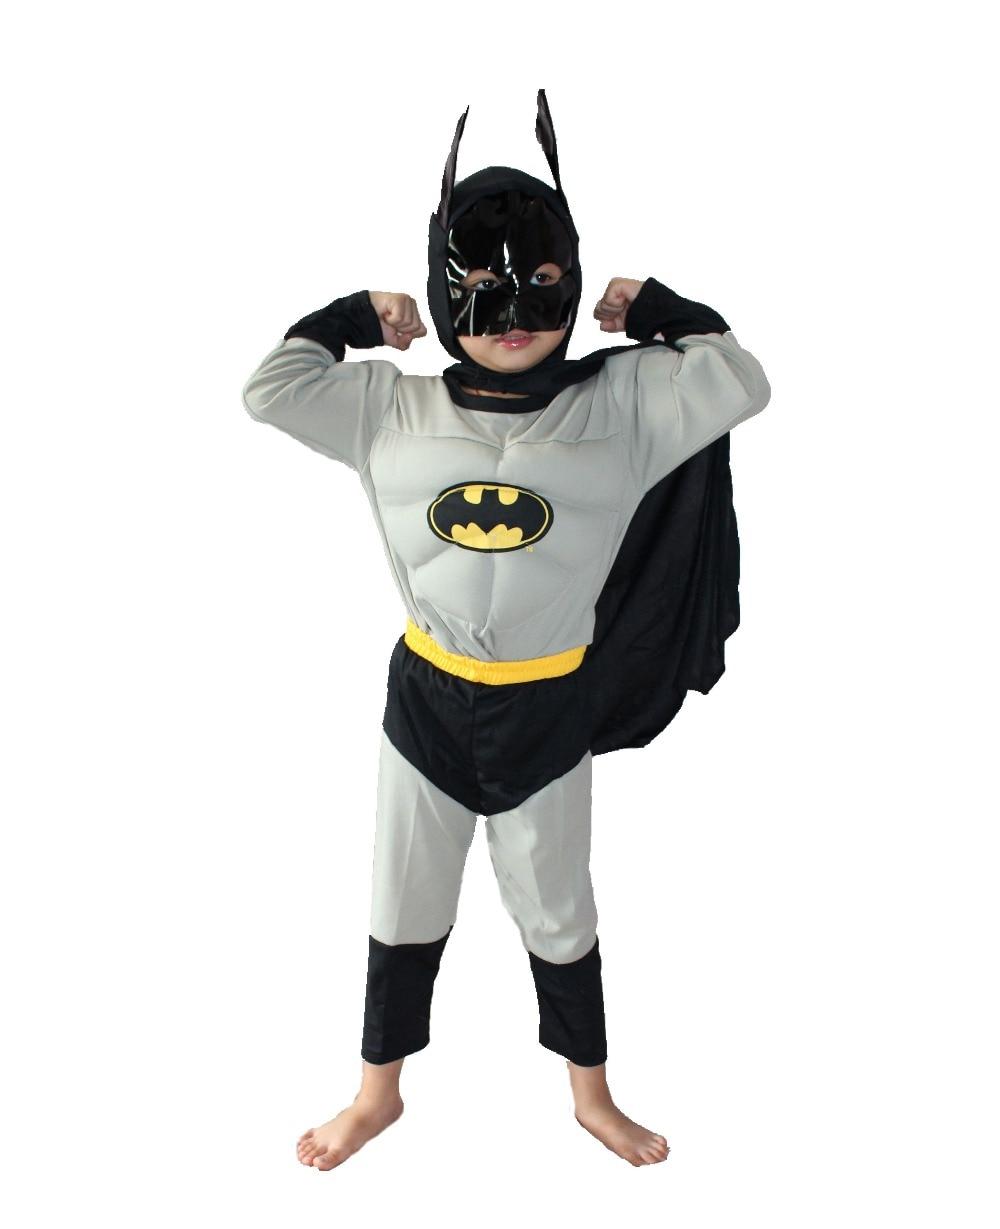 Մոխրագույն 3-7 տարի Party Kids Comic Marvel Batman Muscle Հելոուին կոստյումներ, տղայի հագուստի հագուստ, երկար թև վերնաշապիկ